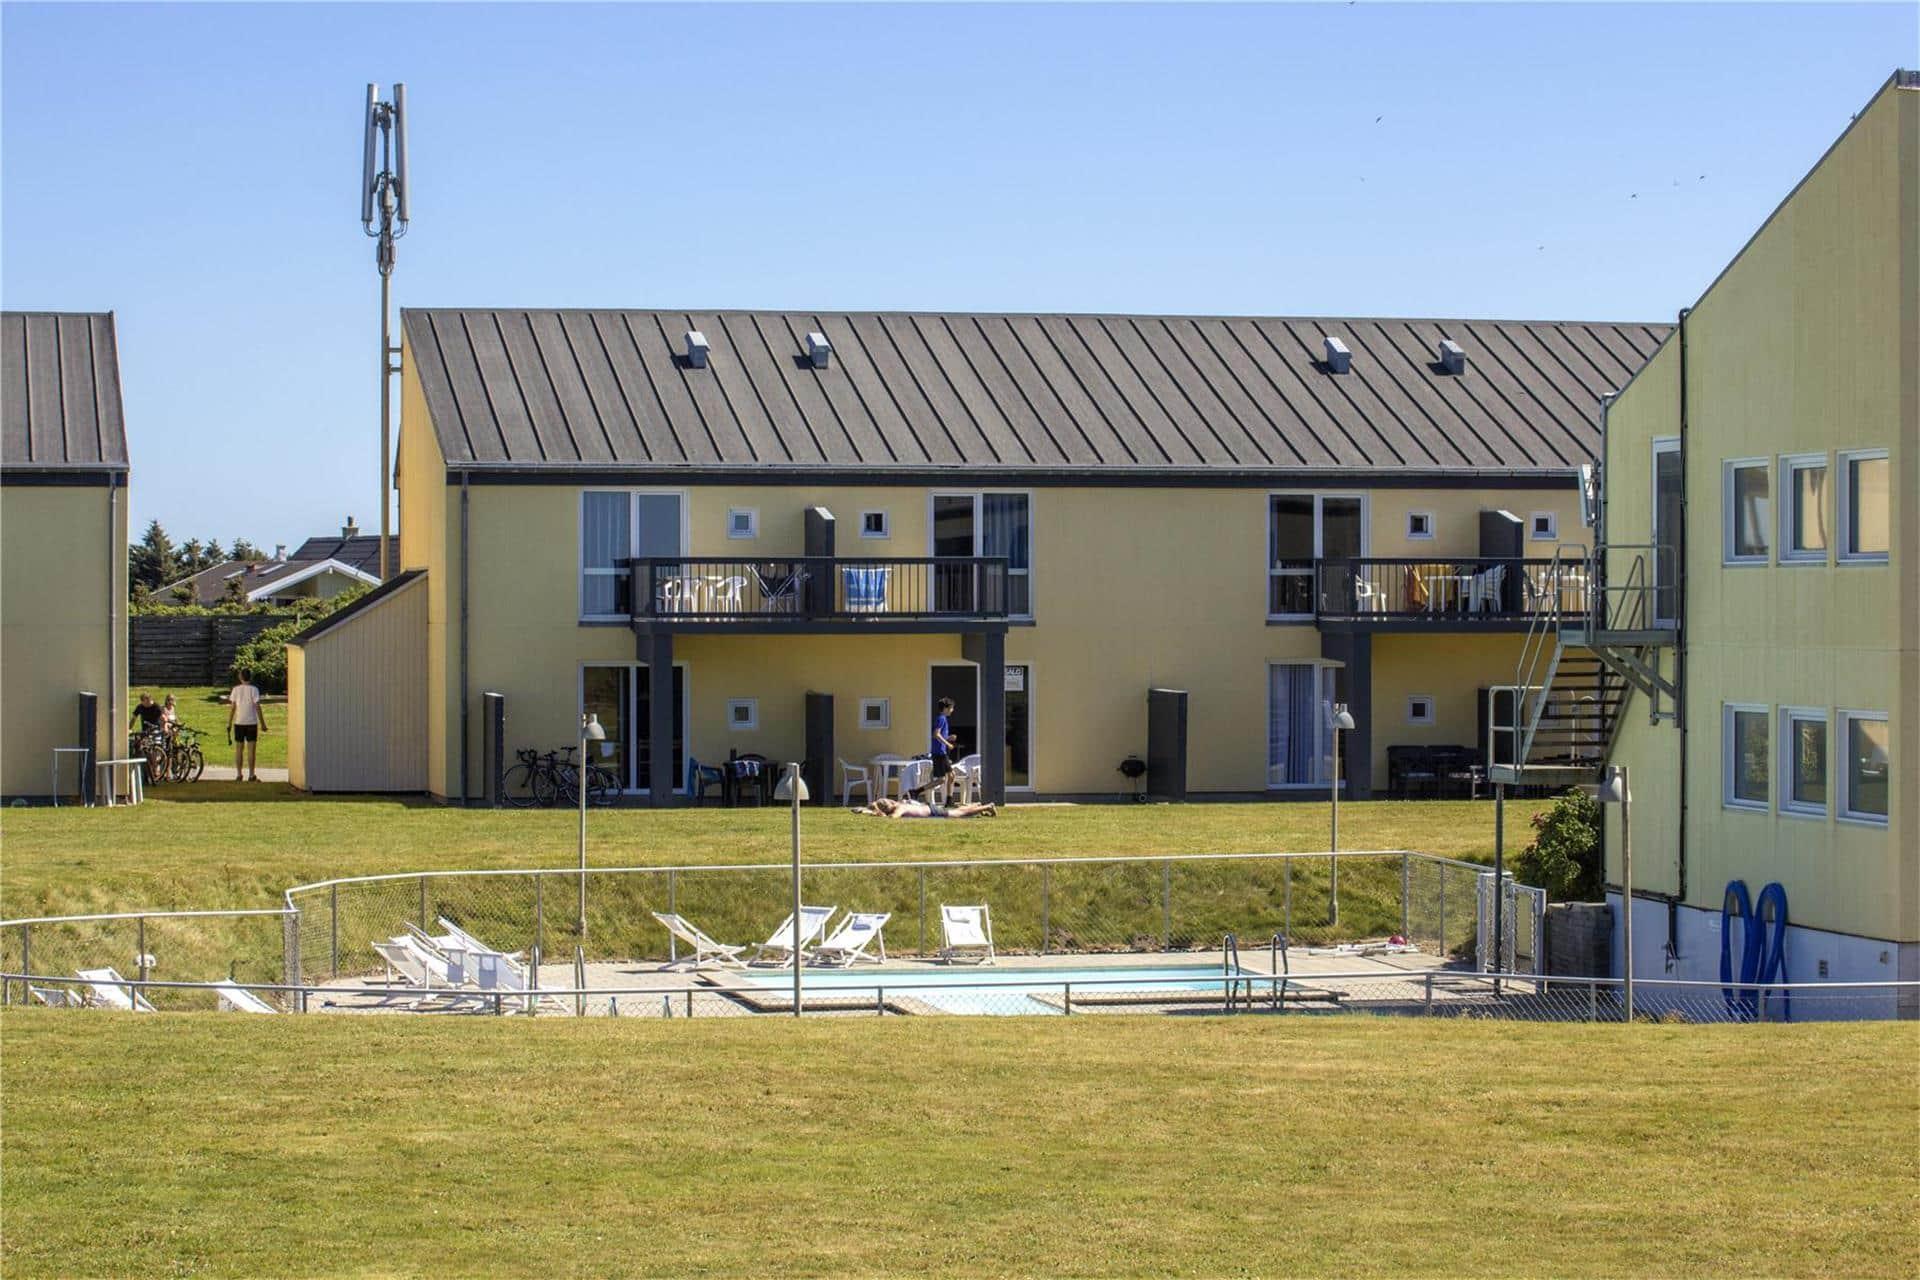 Afbeelding 1-14 Vakantiehuis 544, Lyngbyvej 239, DK - 9480 Løkken